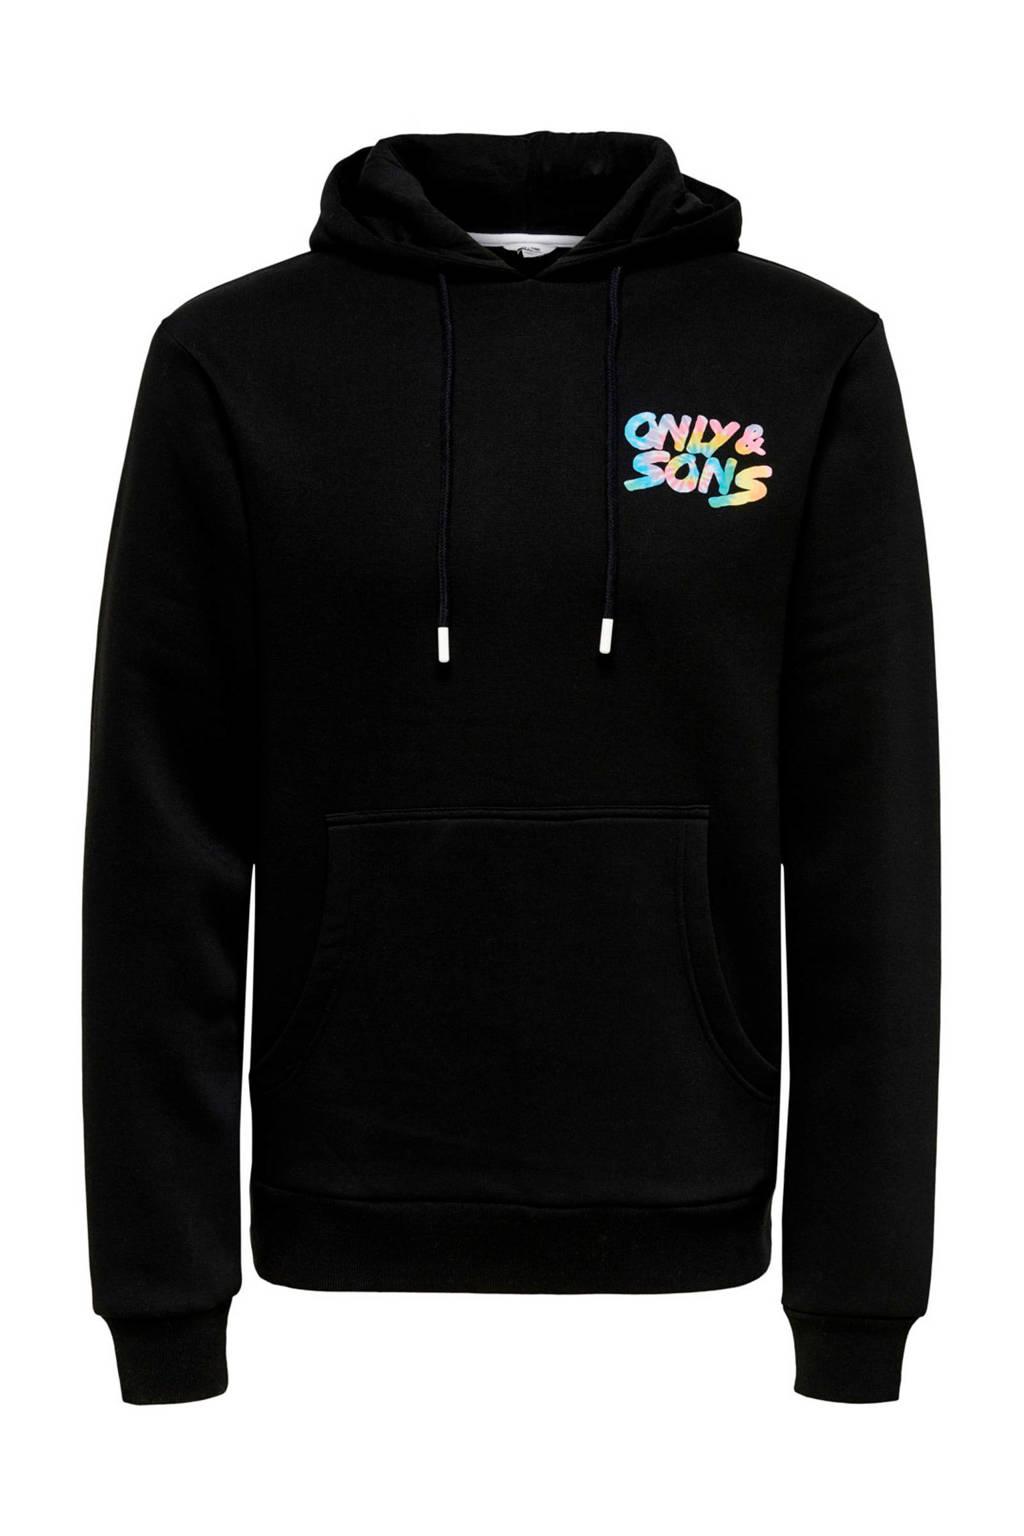 ONLY & SONS hoodie met logo zwart, Zwart